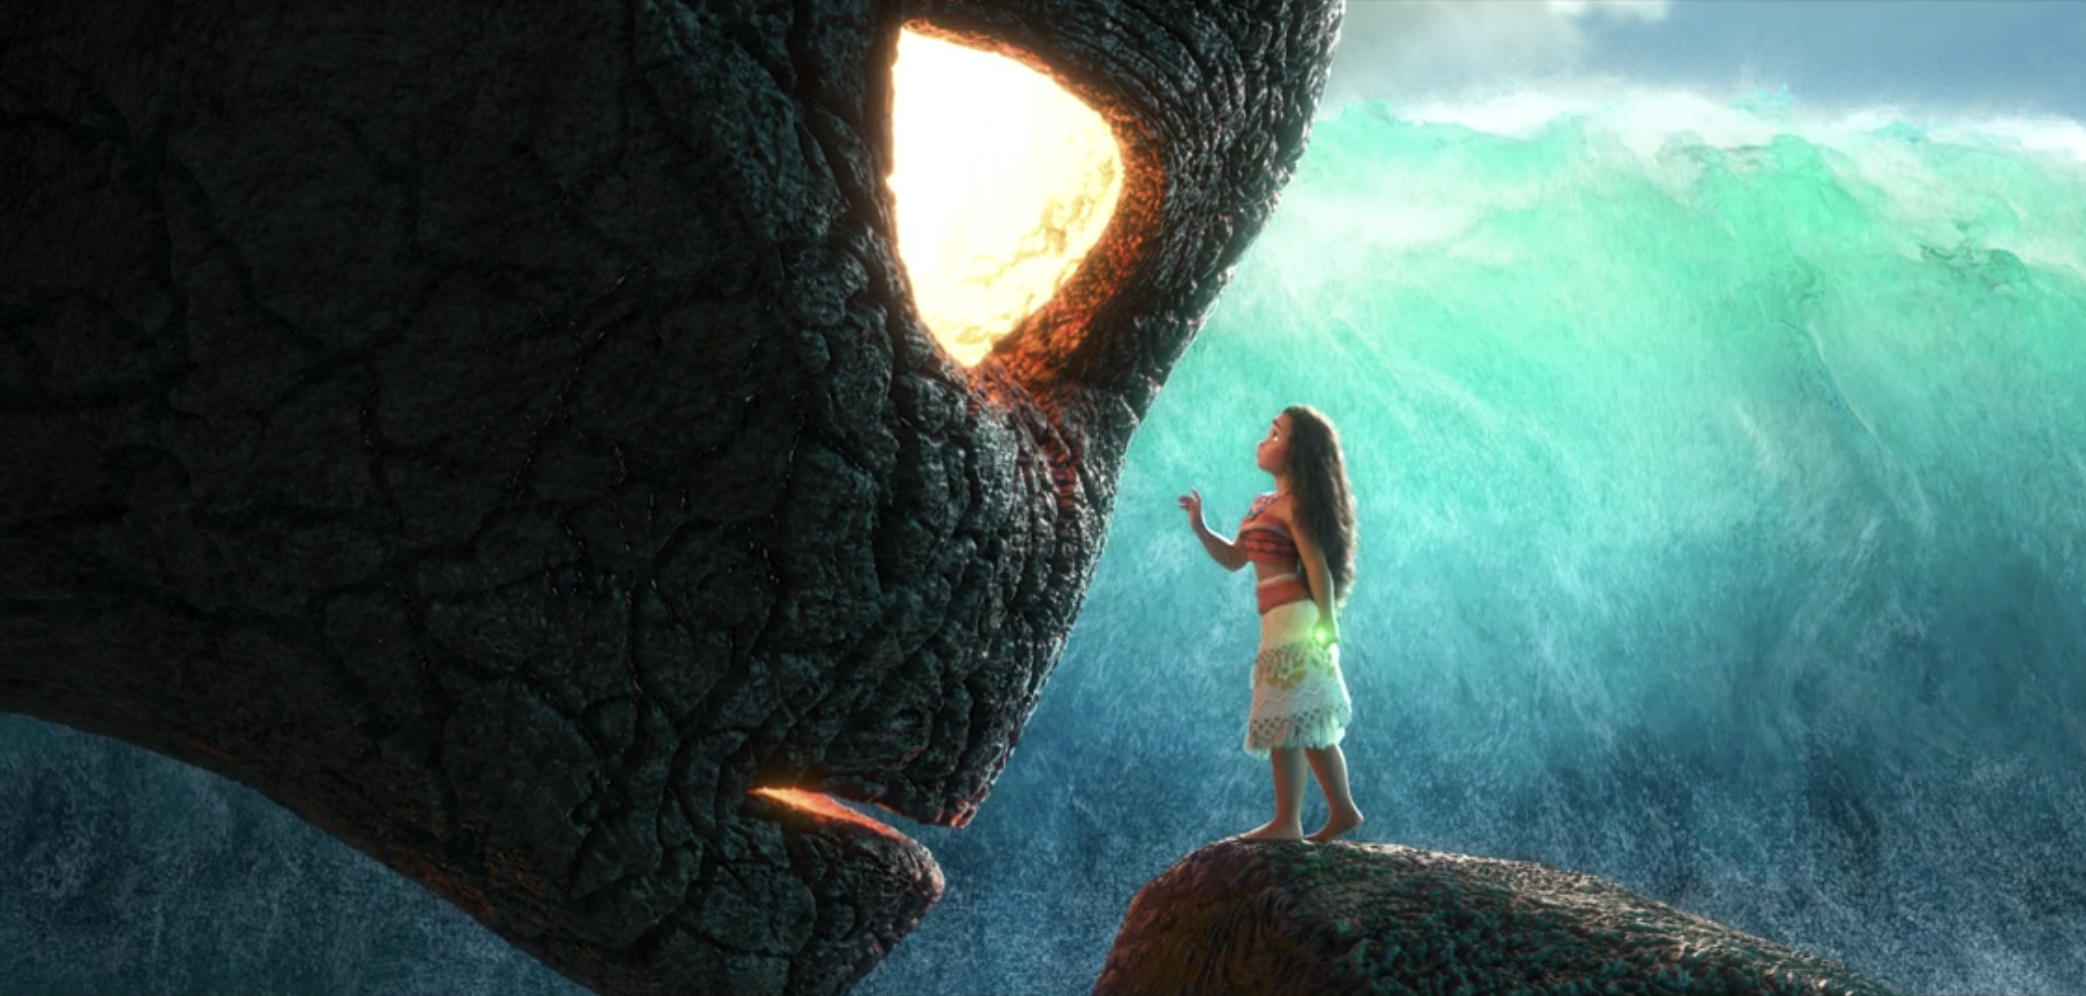 Moana reaching out to Te Kā